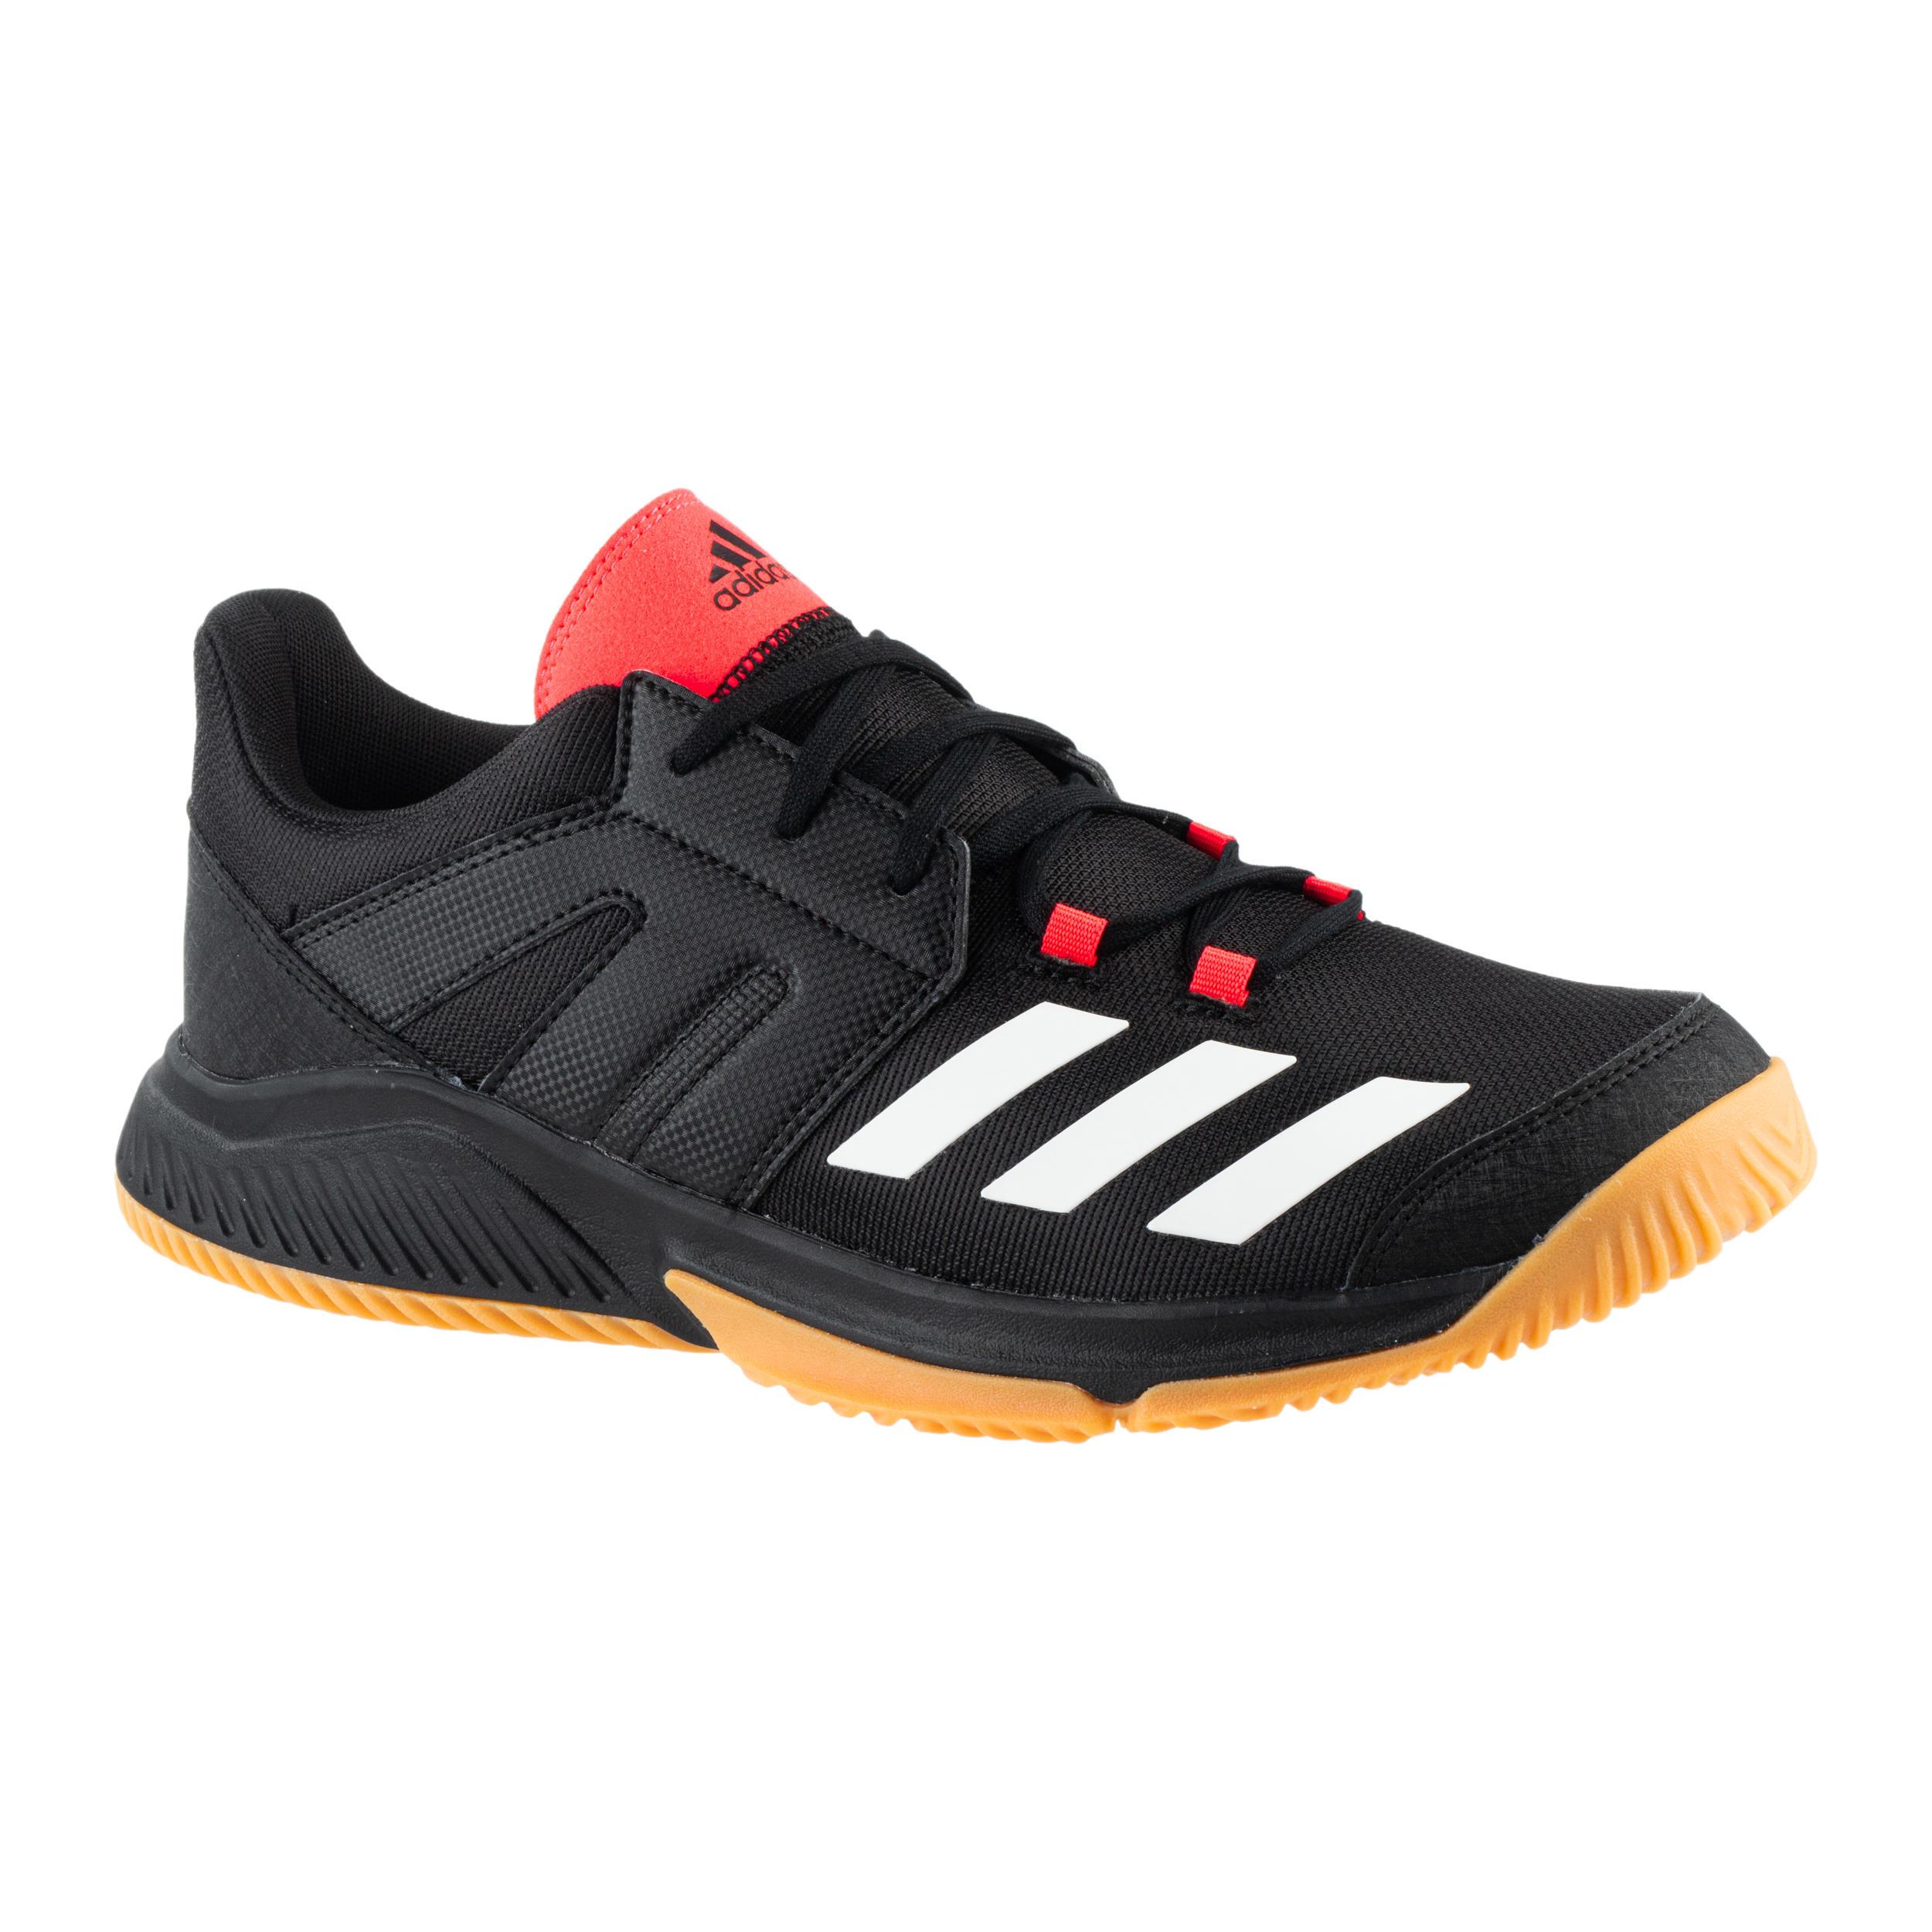 Handballschuhe Essence Herren schwarz/pink | Schuhe > Sportschuhe > Handballschuhe | Adidas